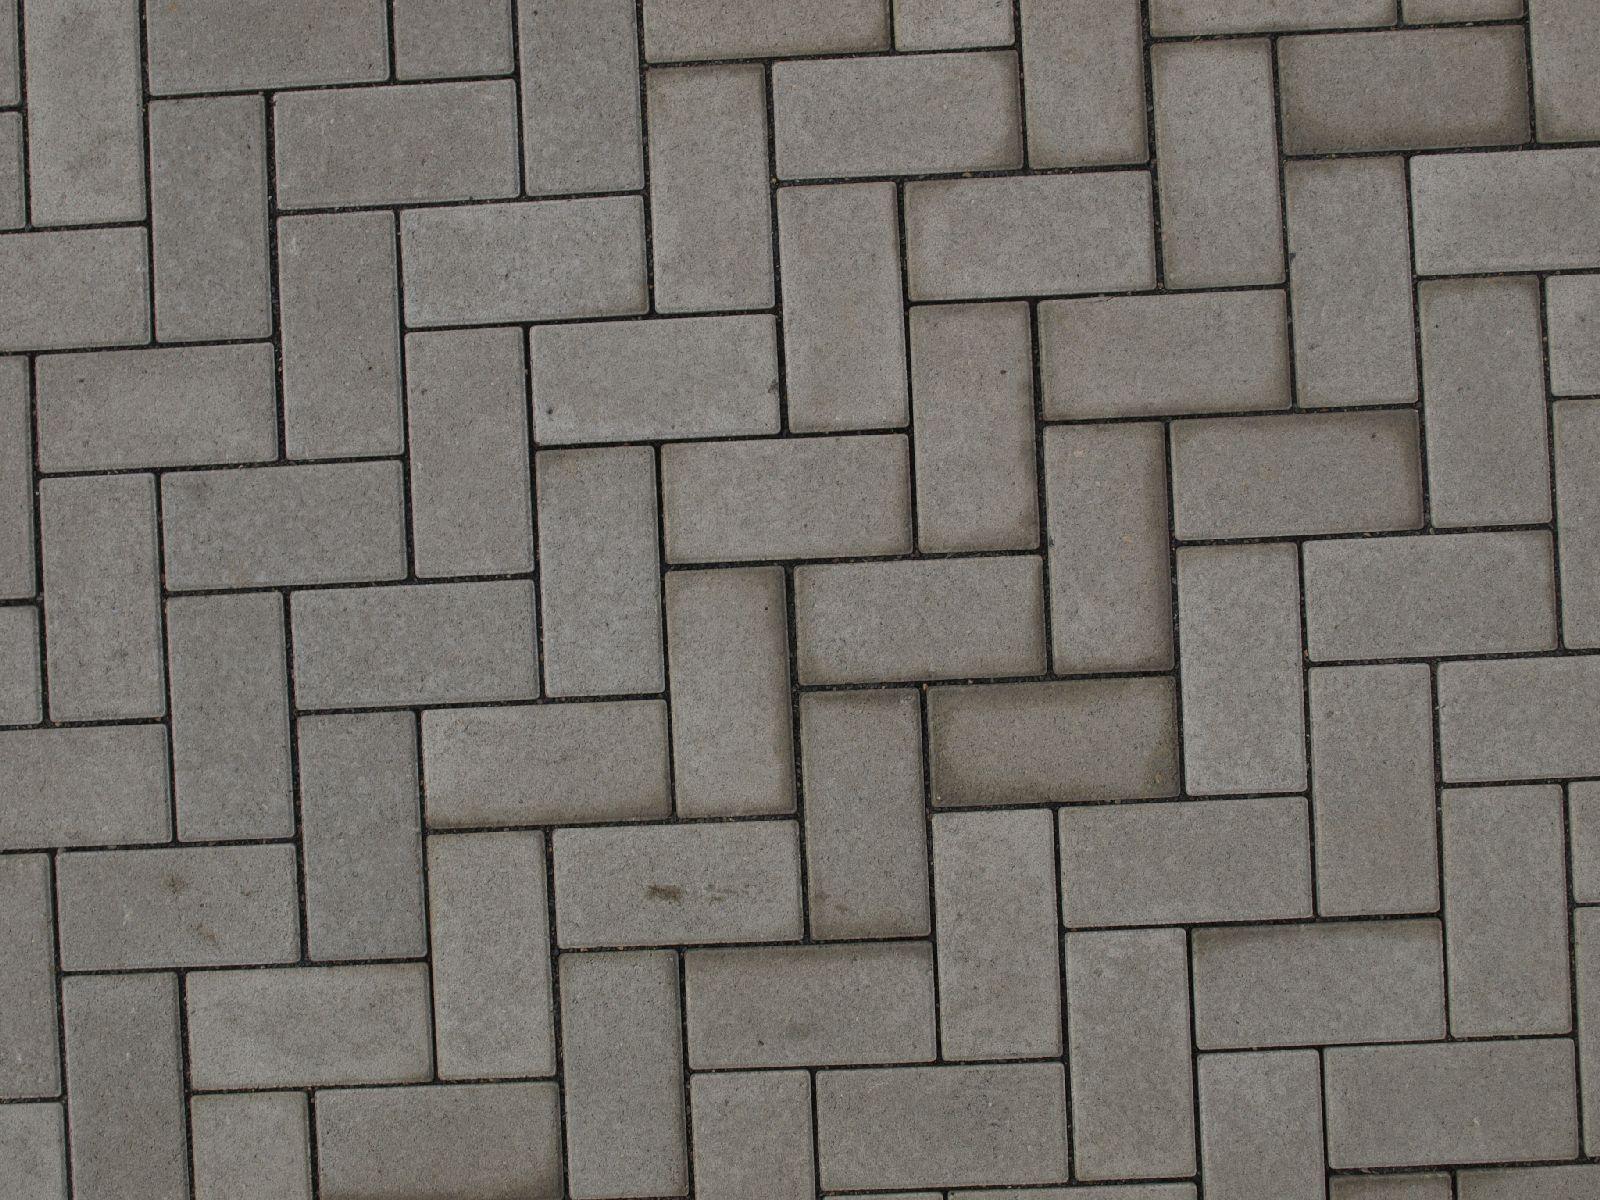 Boden-Gehweg-Strasse-Buergersteig-Textur_A_P9209788